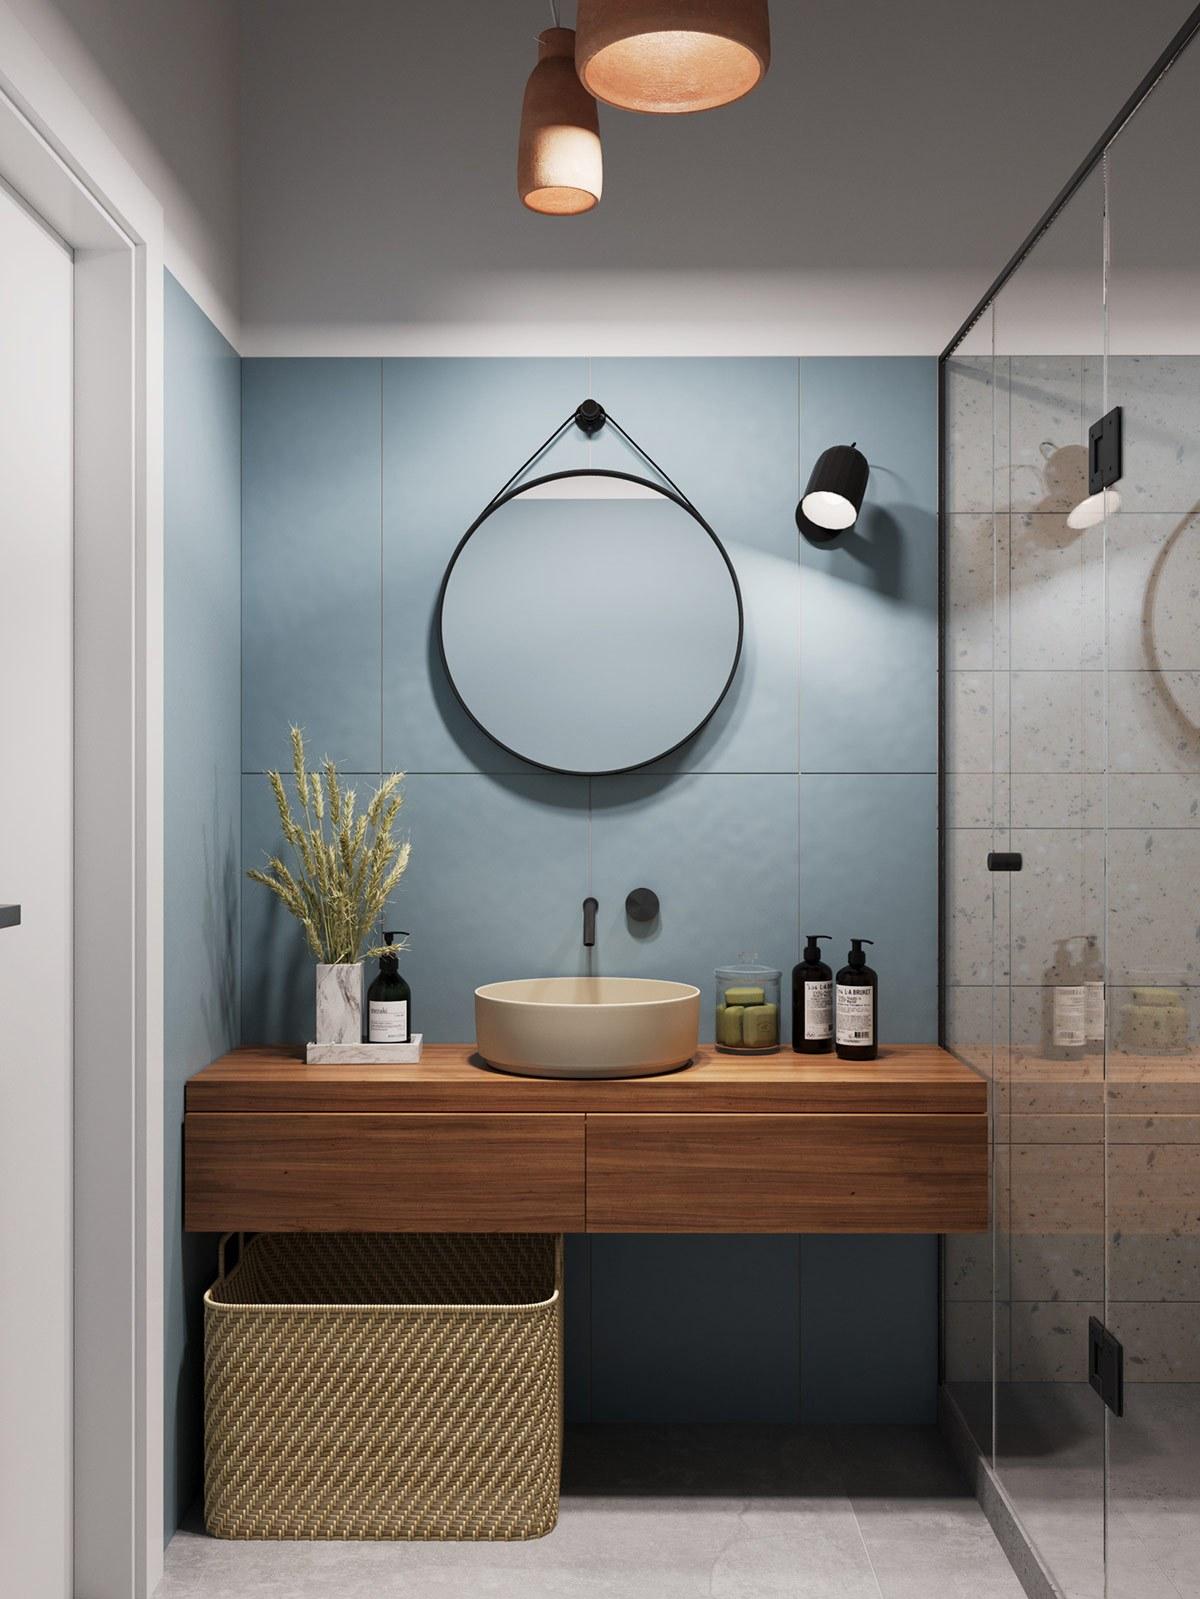 Thiết kế nội thất chung cư nhà vệ sinh phong cách tối giản